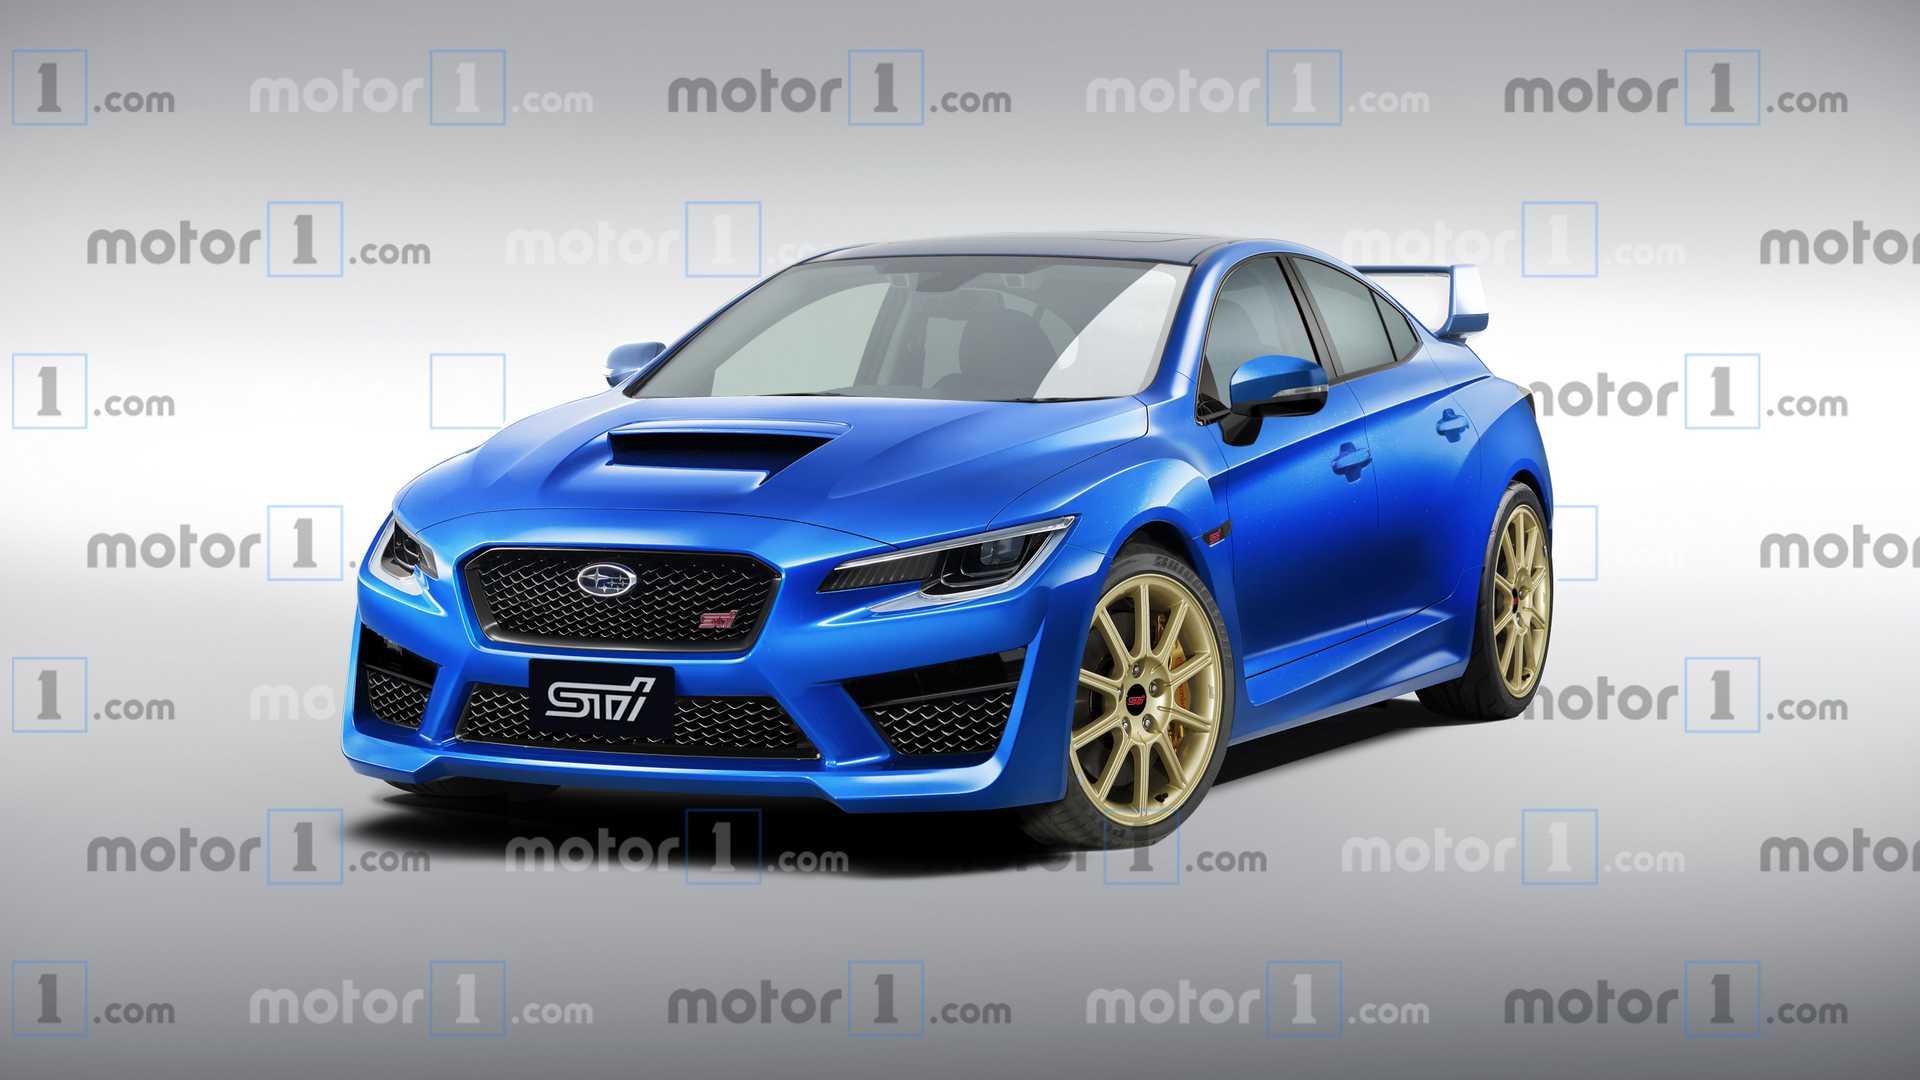 Nowe Subaru Impreza WRX STI z jednostką o pojemności 2,4 ...